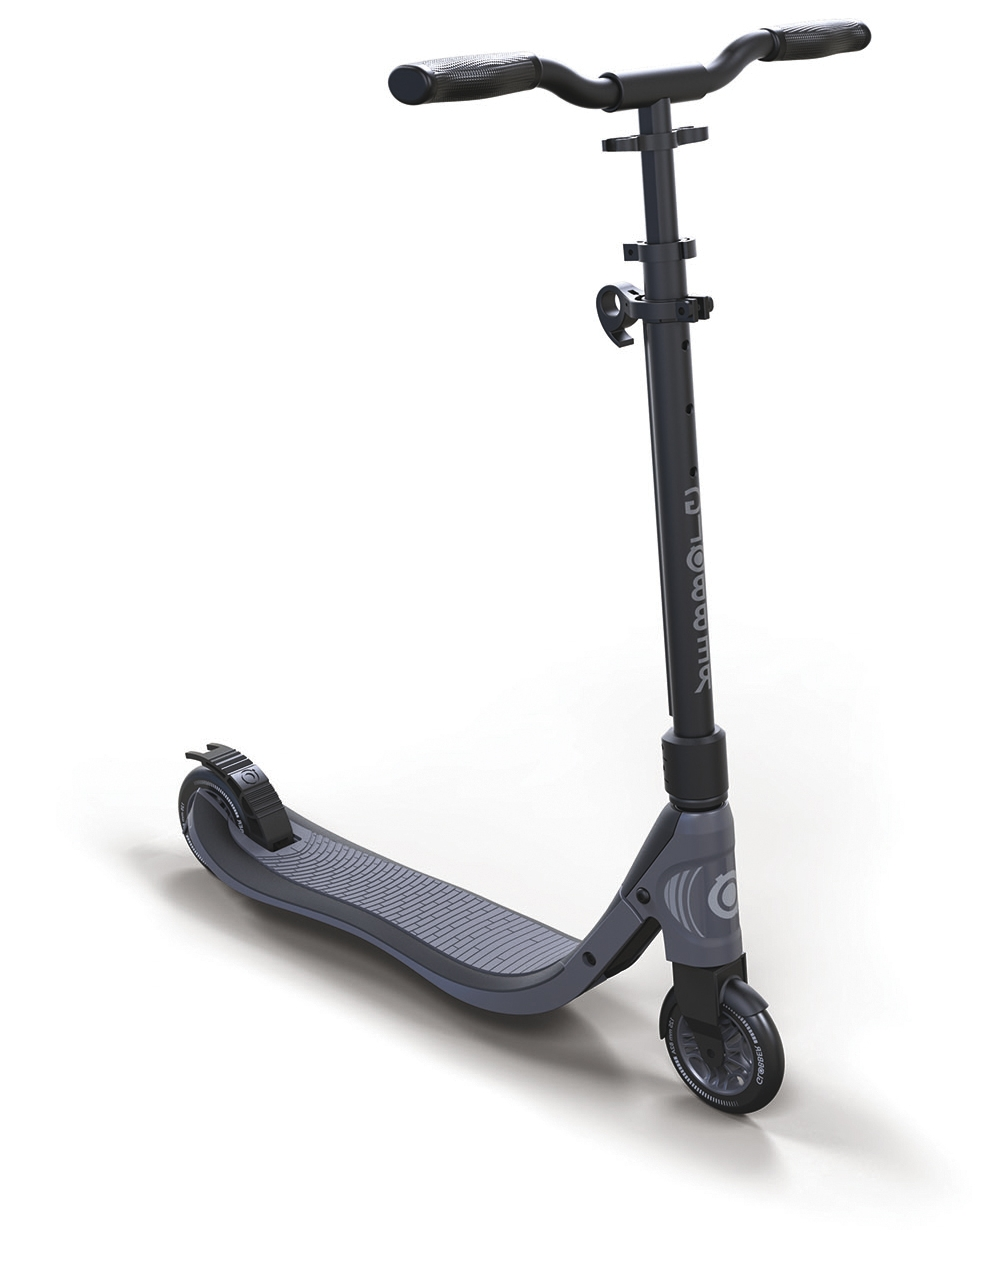 Купить Самокат Globber One NL125 в интернет магазине велосипедов. Выбрать велосипед. Цены, фото, отзывы